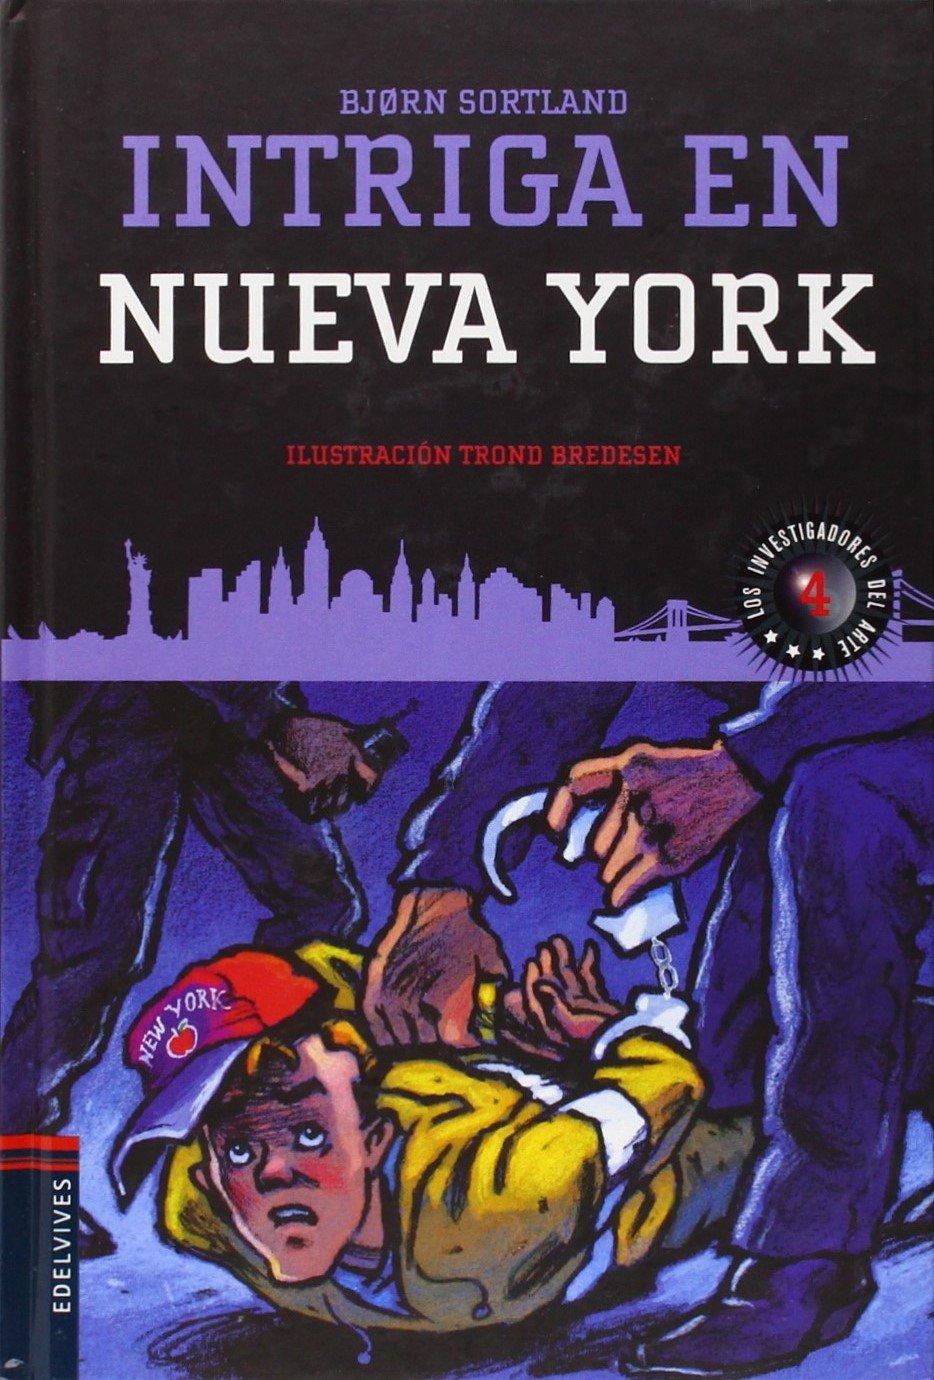 Intriga en Nueva York (Los investigadores del arte): Amazon.es: Bjørn Sortland, Trond Bredesen, Cristina Gómez Baggethun: Libros